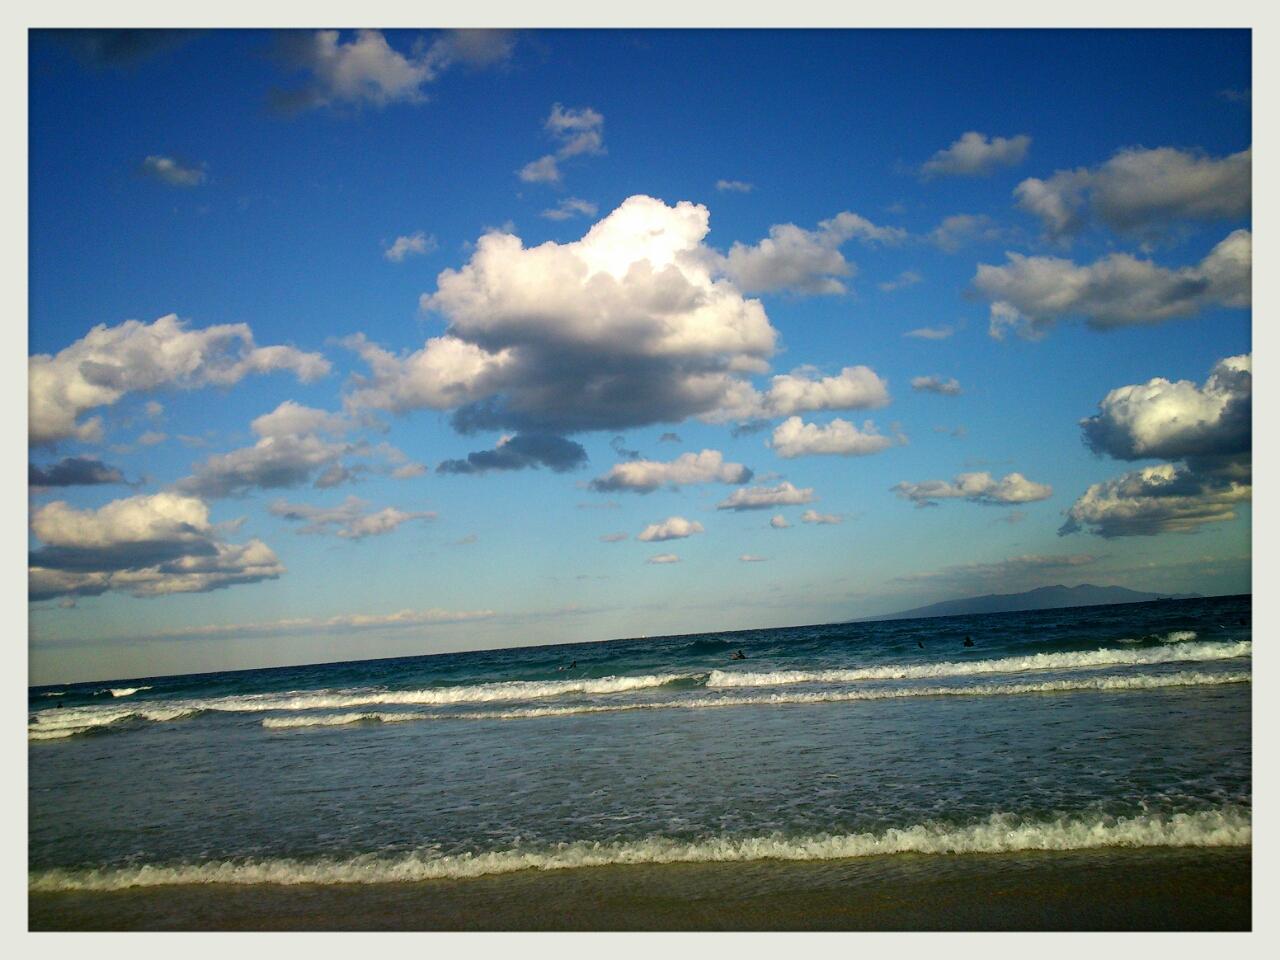 旅先から 〜久々の海〜 (写真のみ)